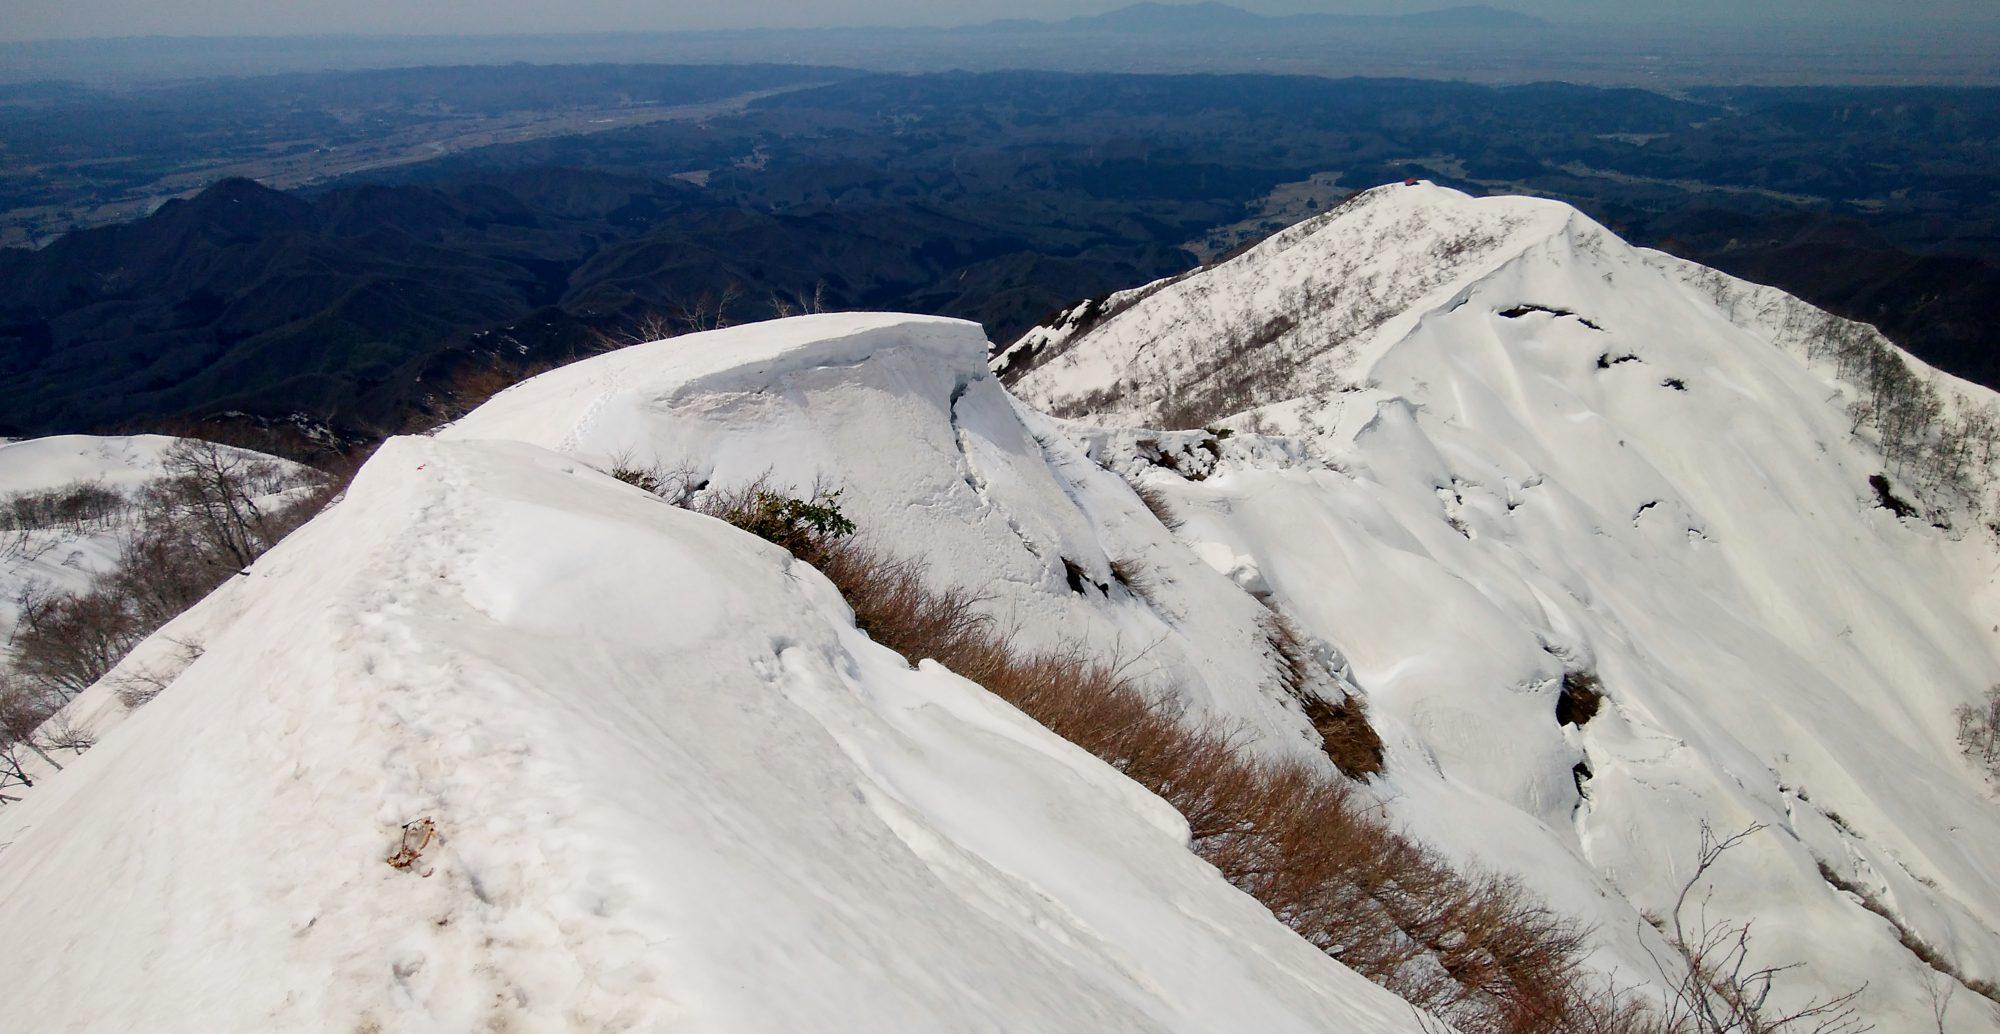 この写真を見て何が危険が分からない人は、残雪の山に入らないのが賢明だ